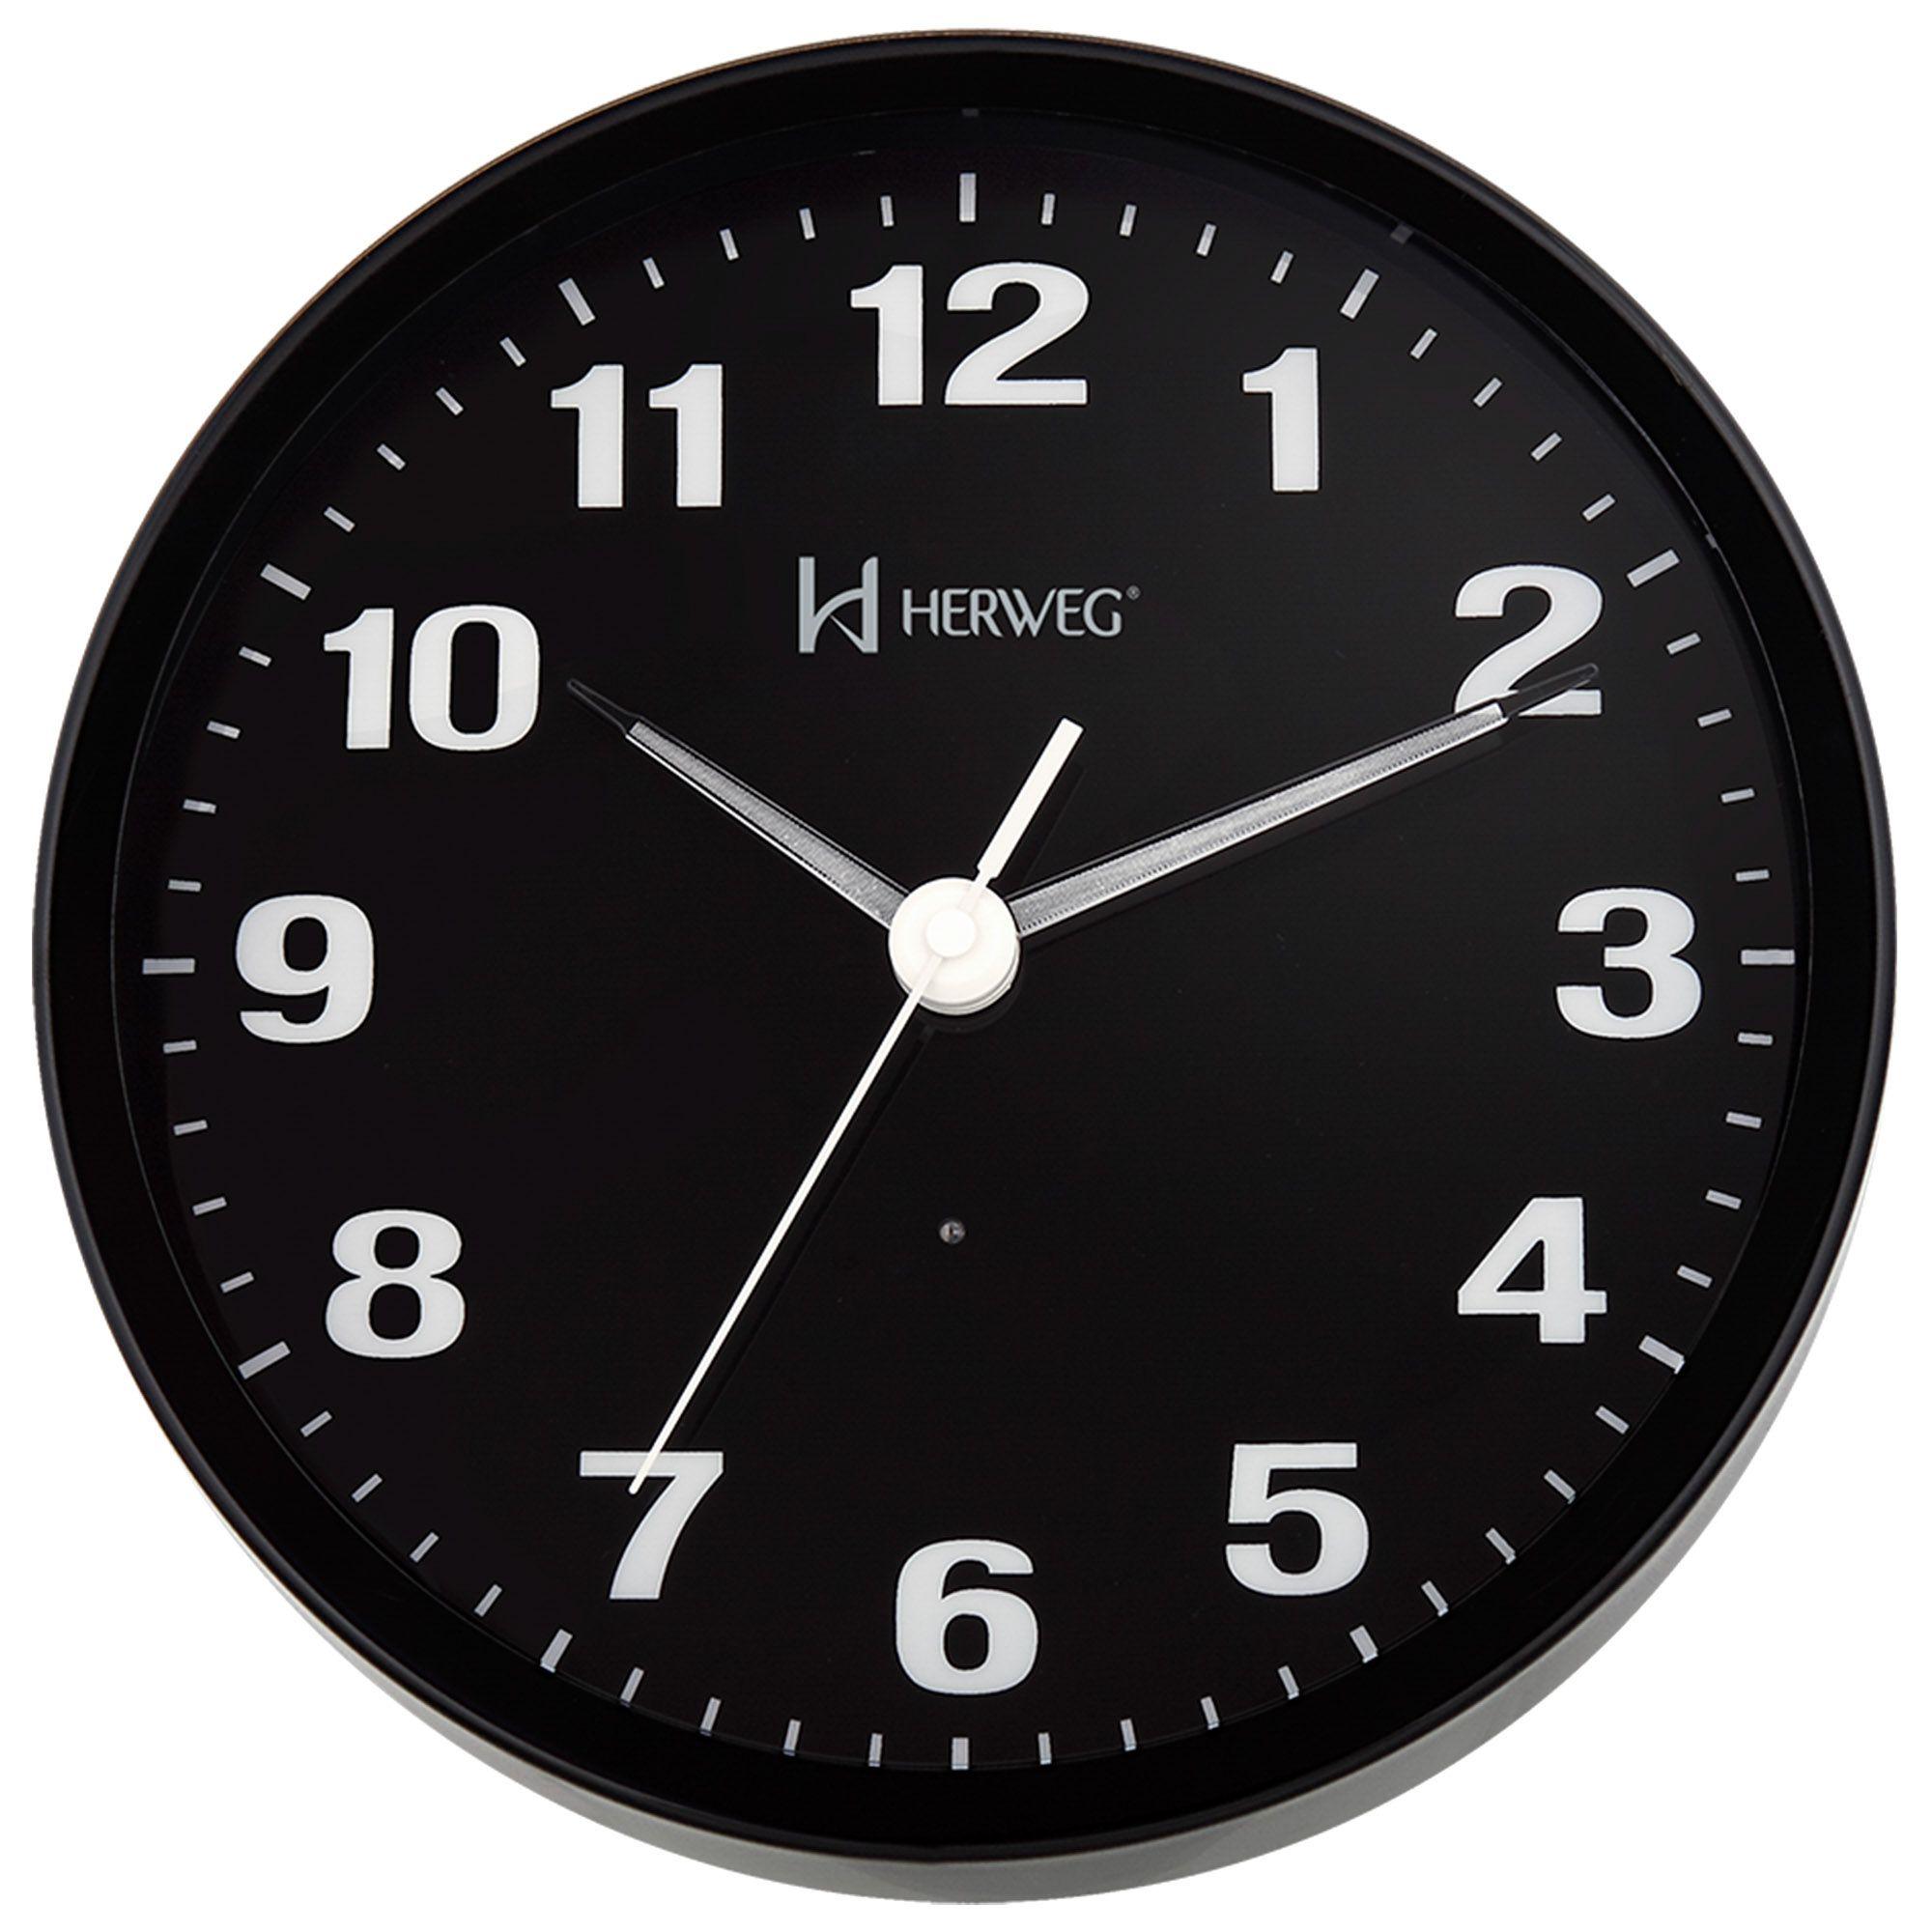 Relógio de Parede Analógico Herweg 6377 034 Preto